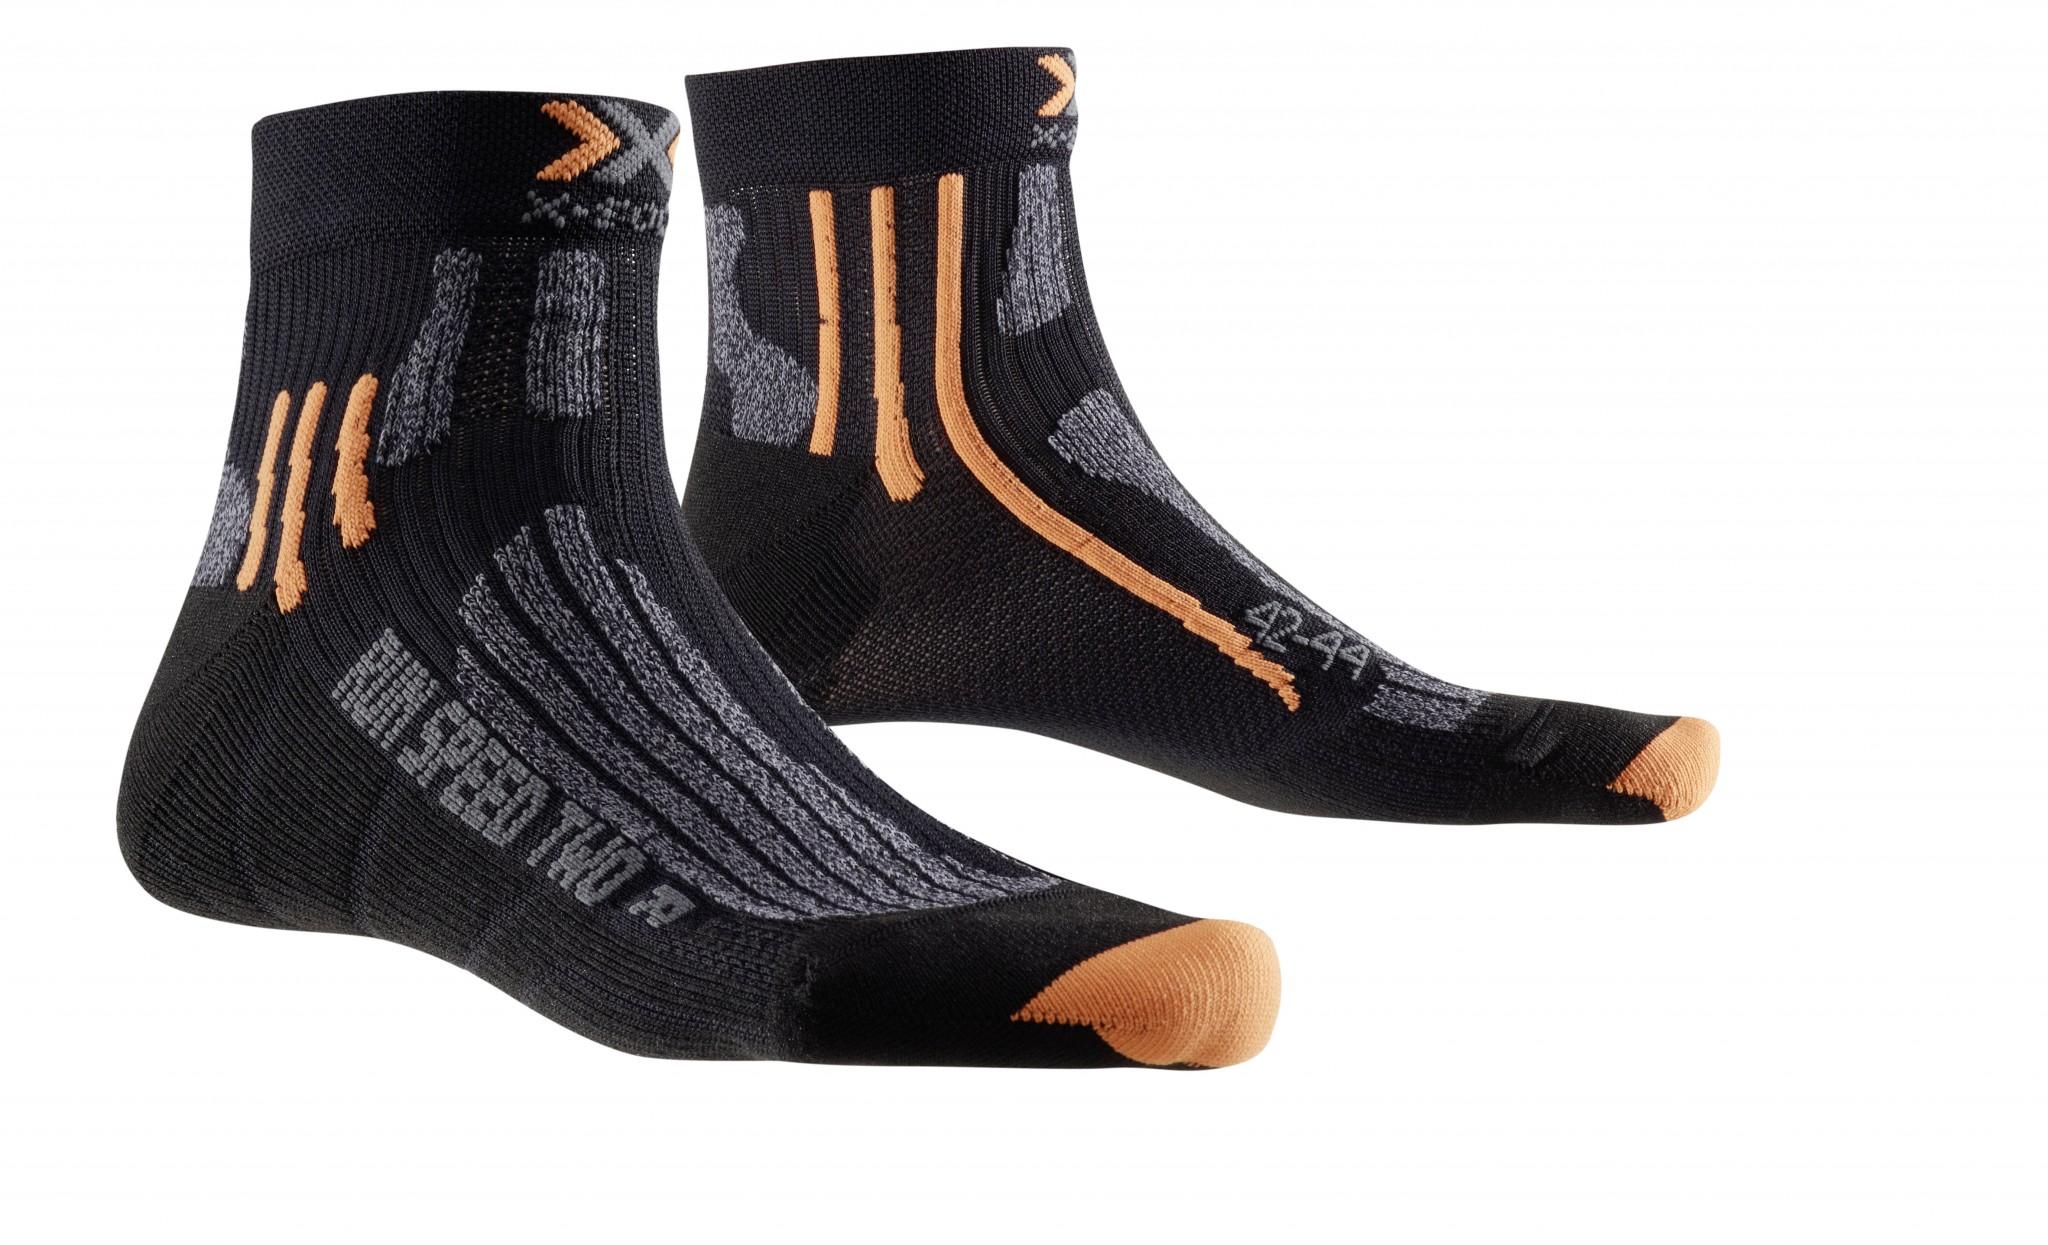 X-SOCKS Socken, Strümpfe Run Speed Two schwarz unisex von Gr. 35 - 47 S17-XS1